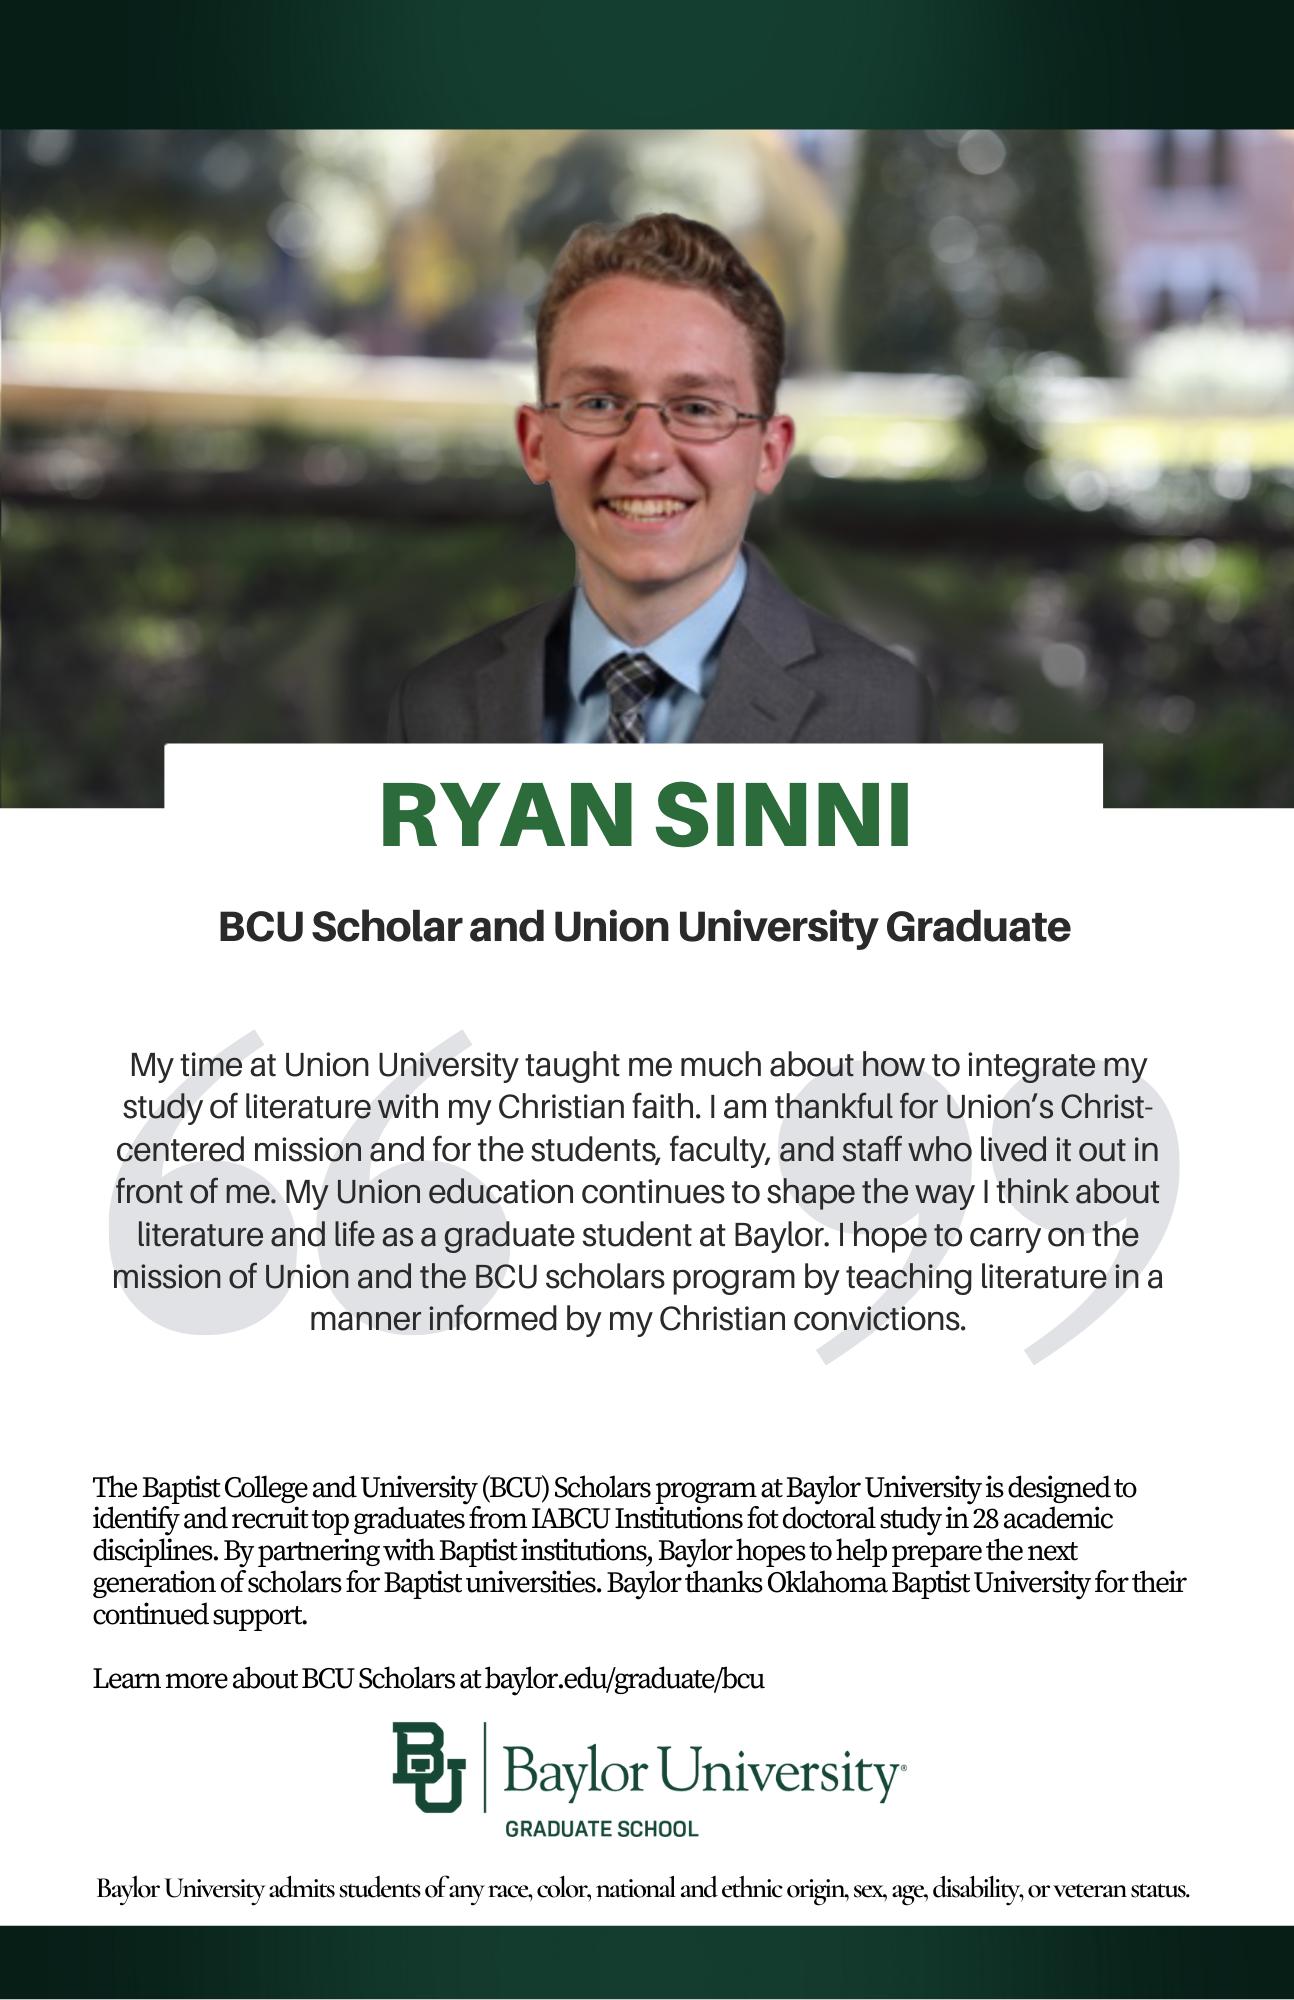 Ryan Sinni new BCU ad